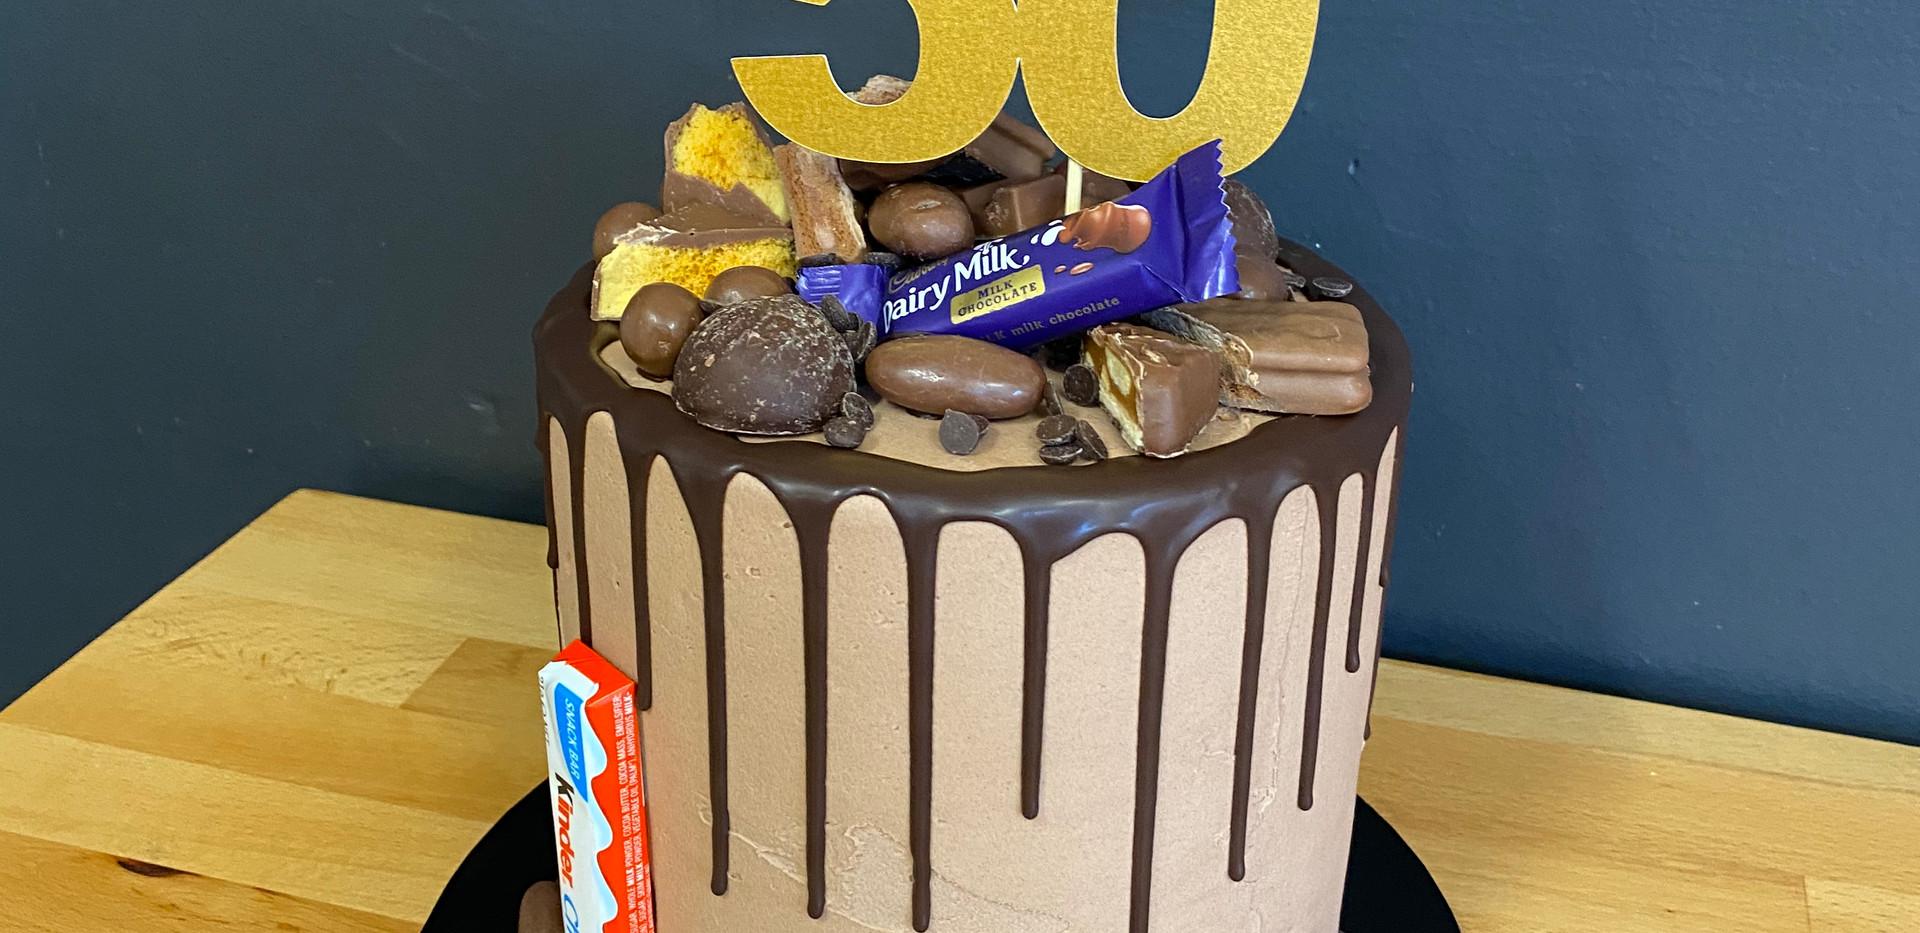 Manly birthday cake